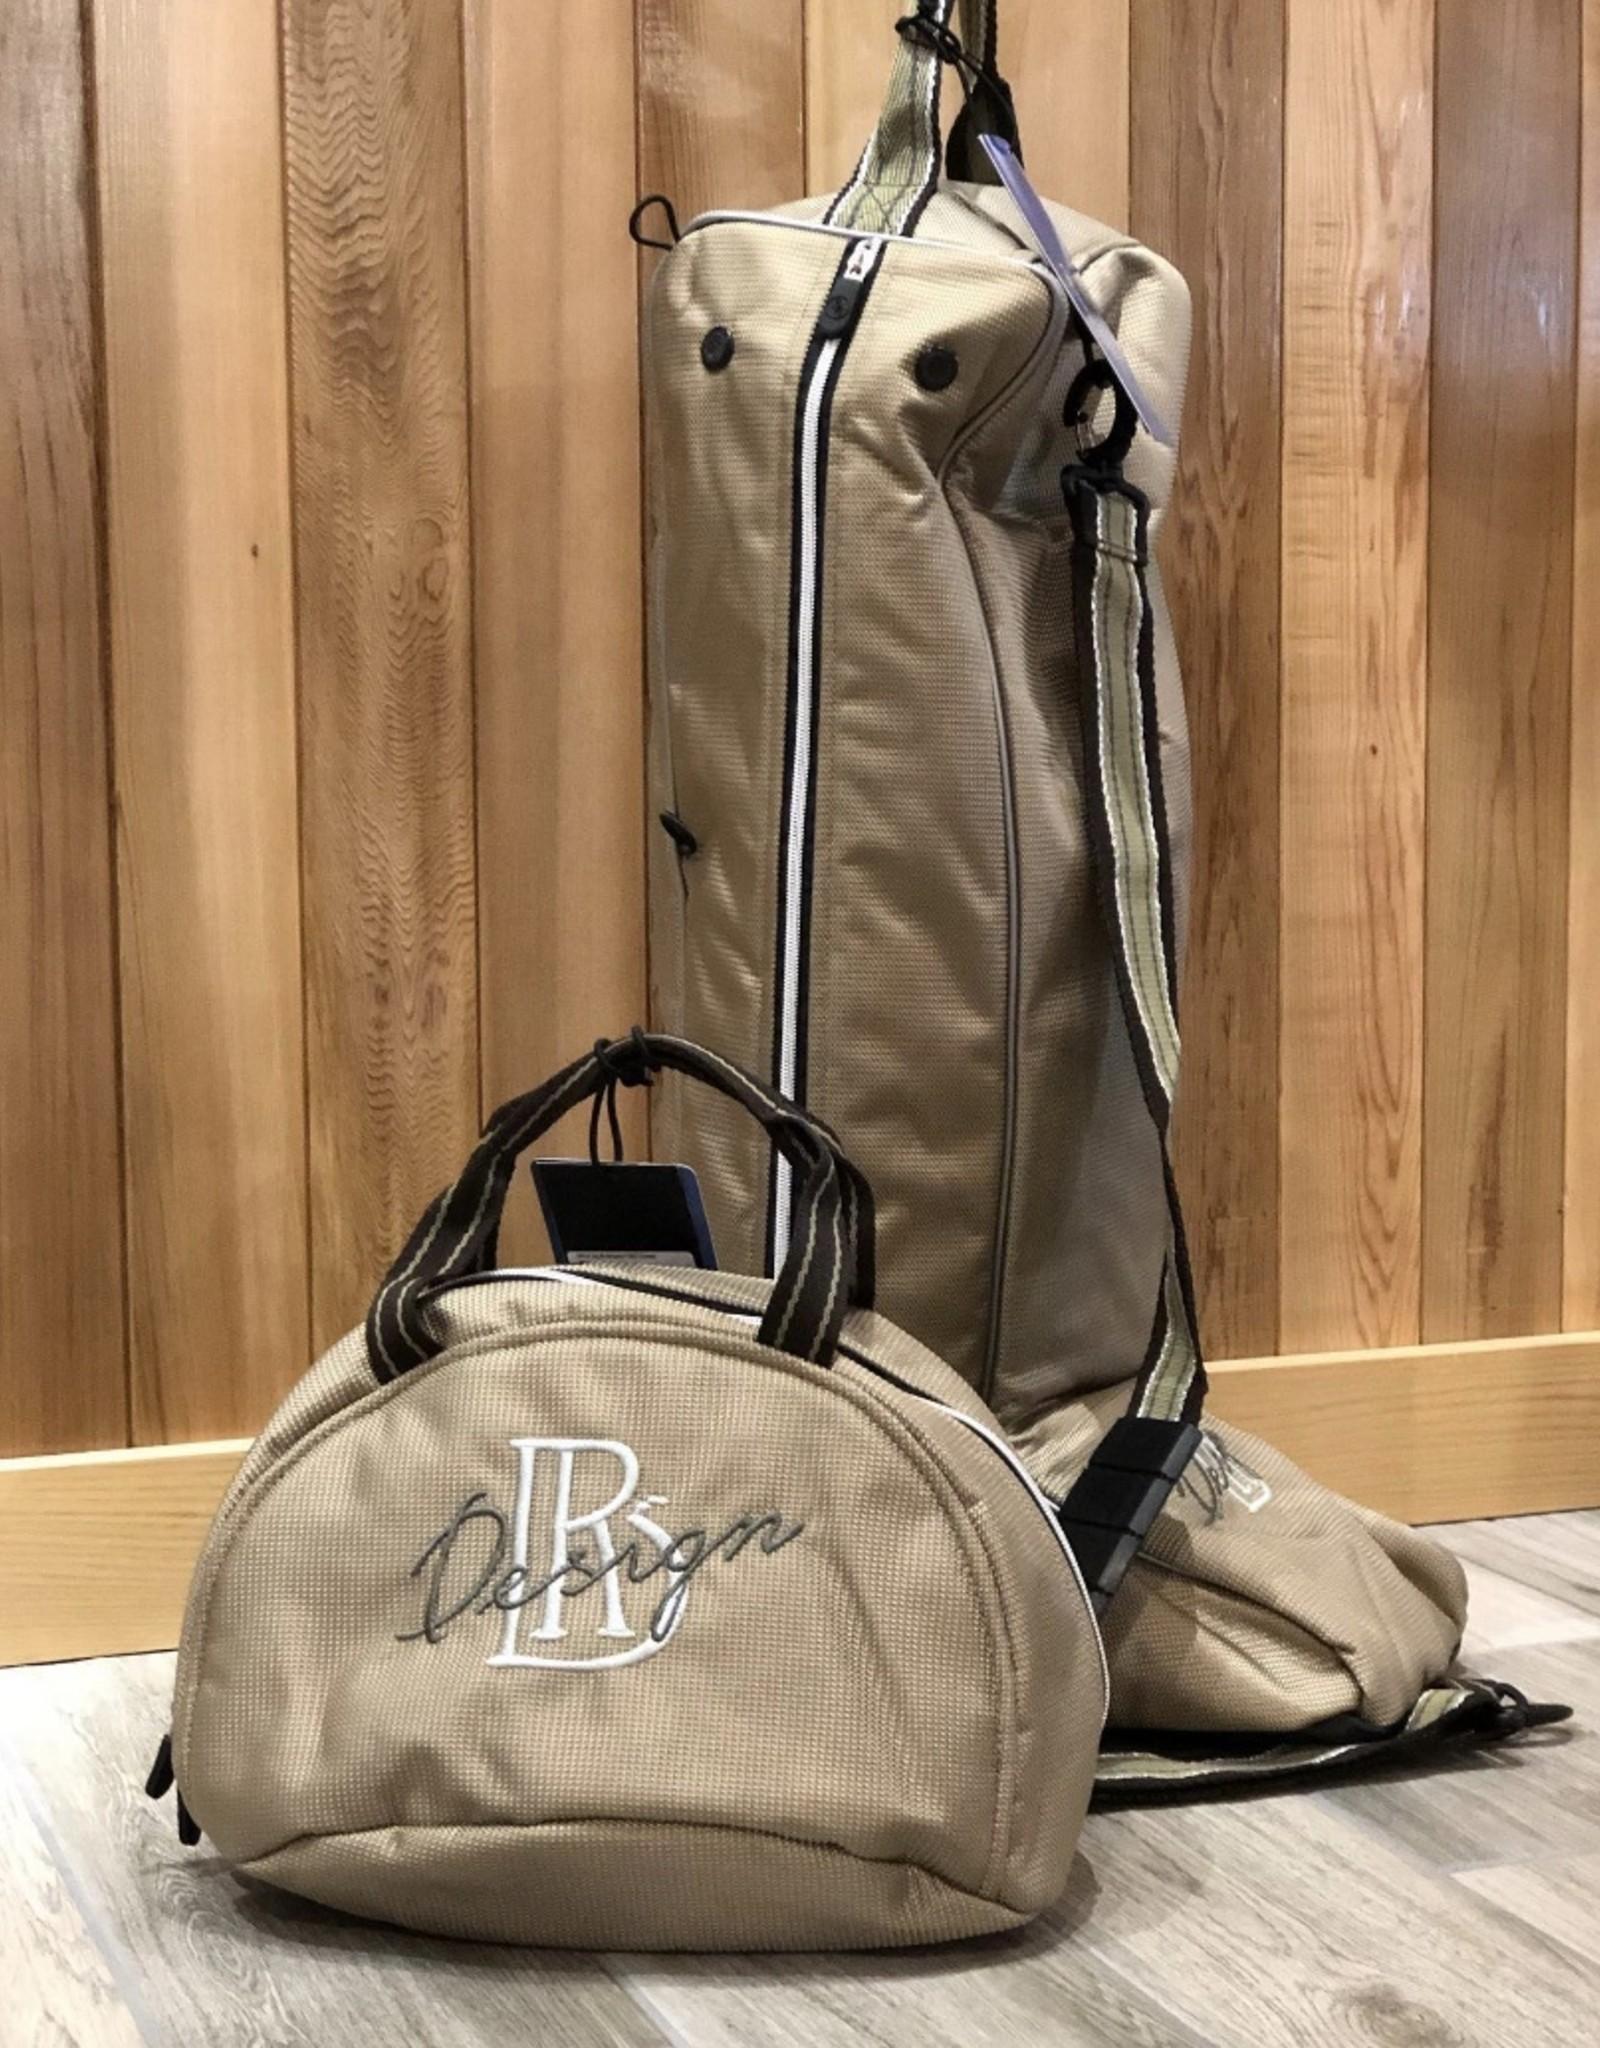 BR AMBIANCE HELMET BAG 1200D - ELMWOOD